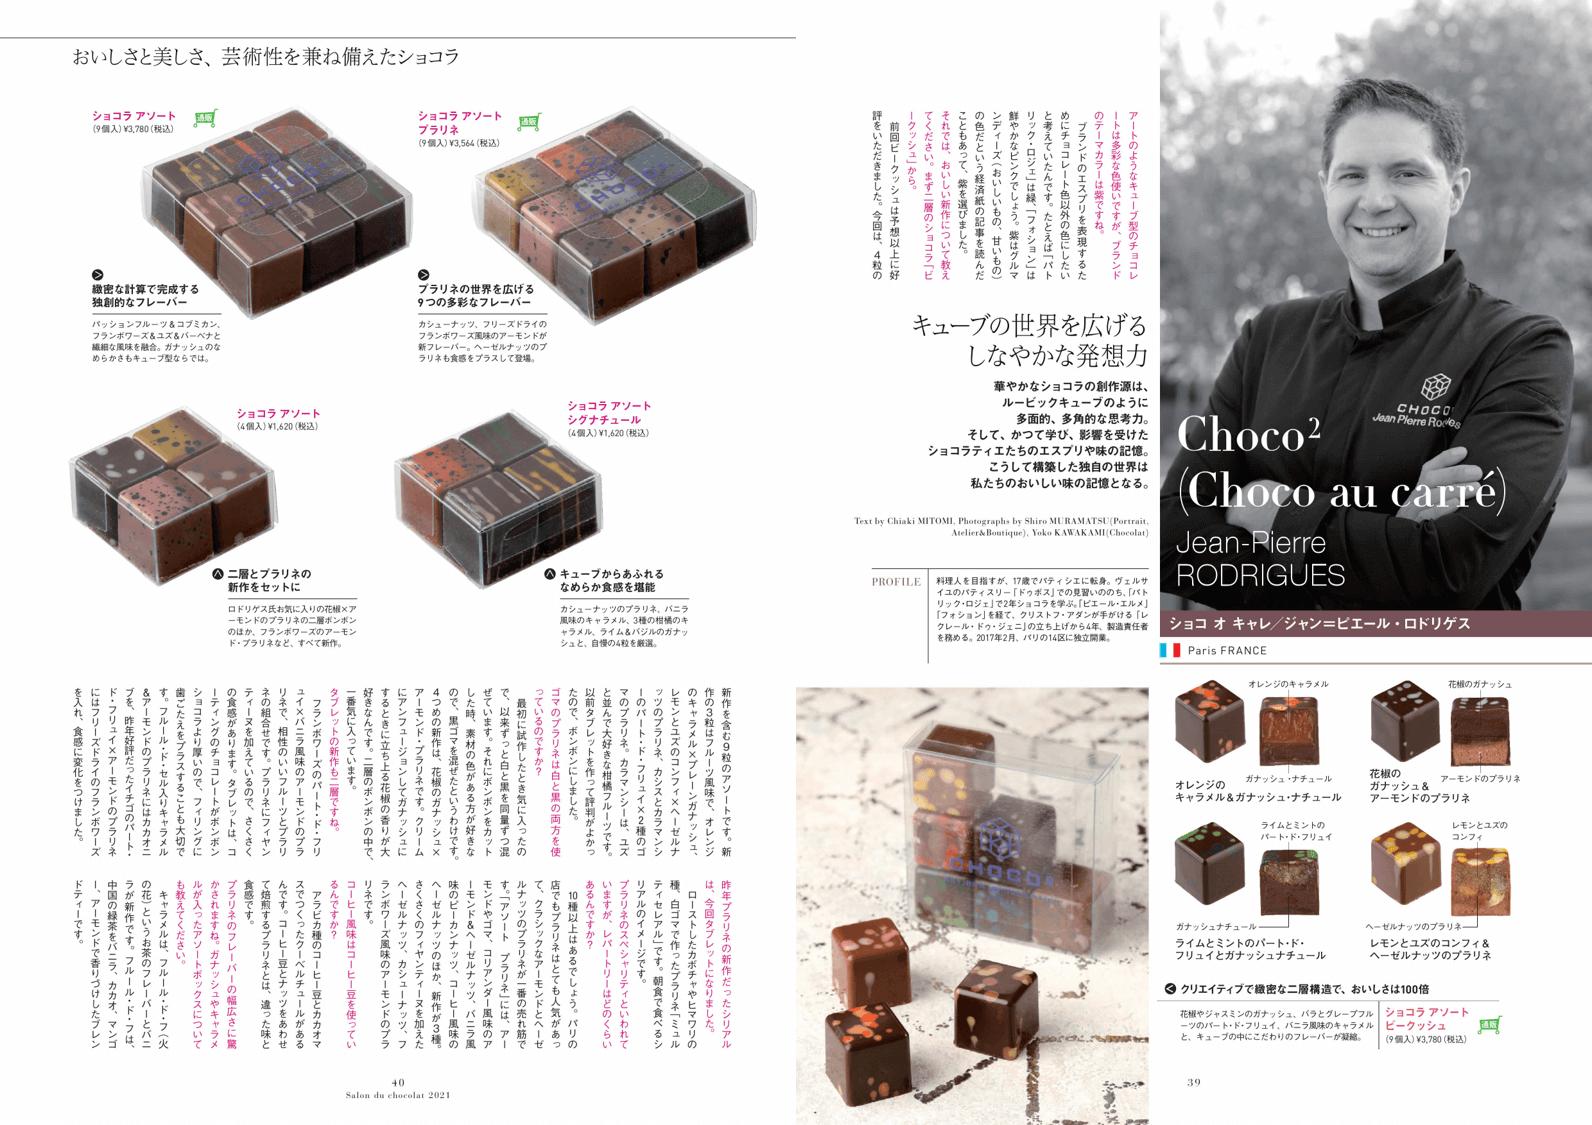 『サロン・デュ・ショコラ オフィシャルムック2021』-ショコ オ キャレ/ジャン=ピエール・ロドリゲス